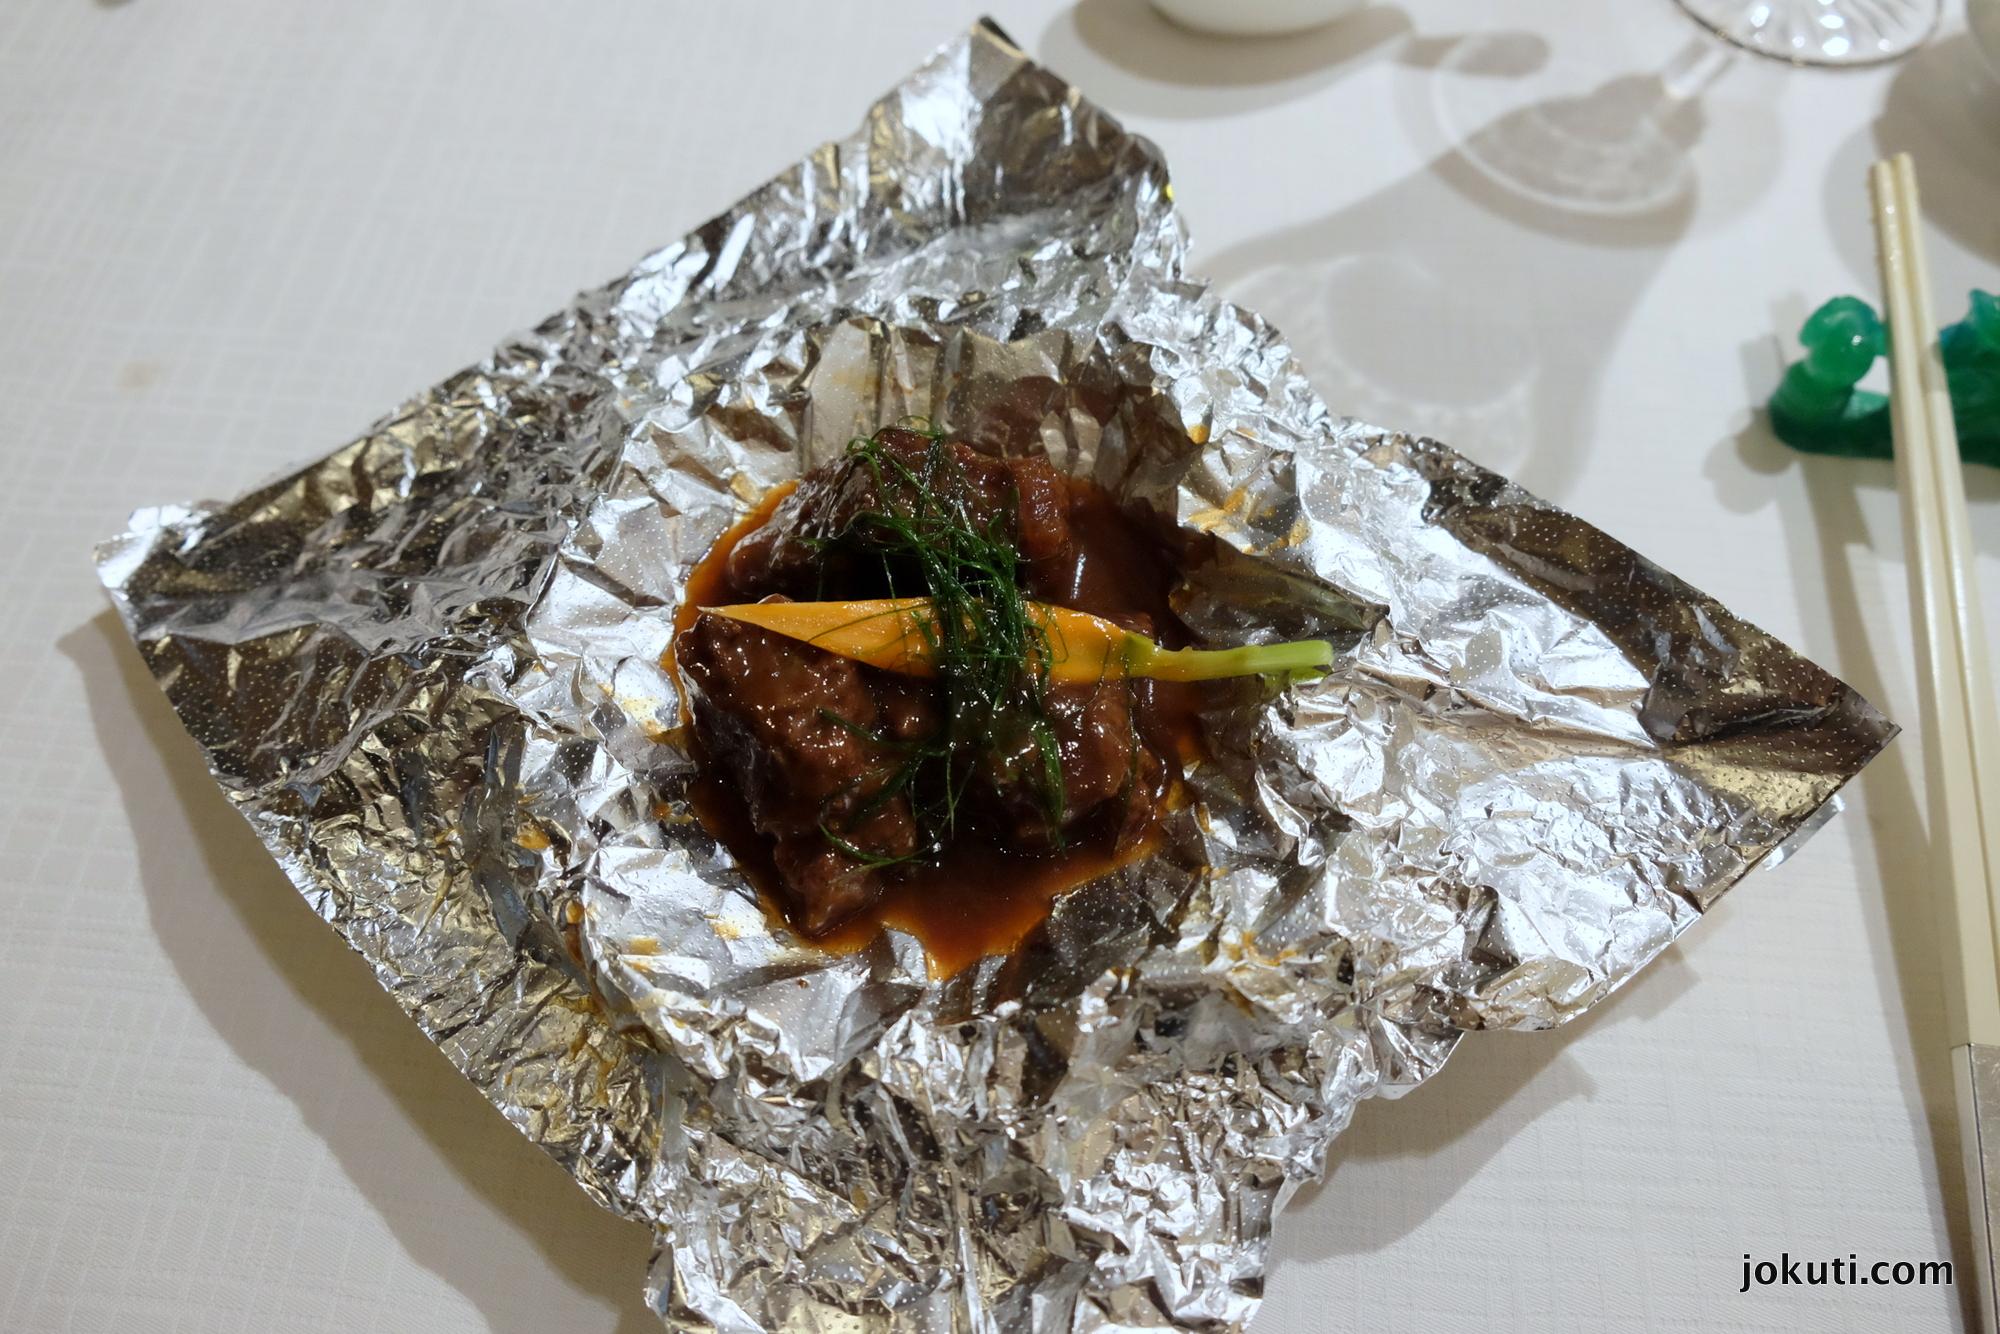 dscf6909_jade_dragon_restaurant_cantonese_chinese_michelin_macau_makao_china_kinai_vilagevo_jokuti.jpg